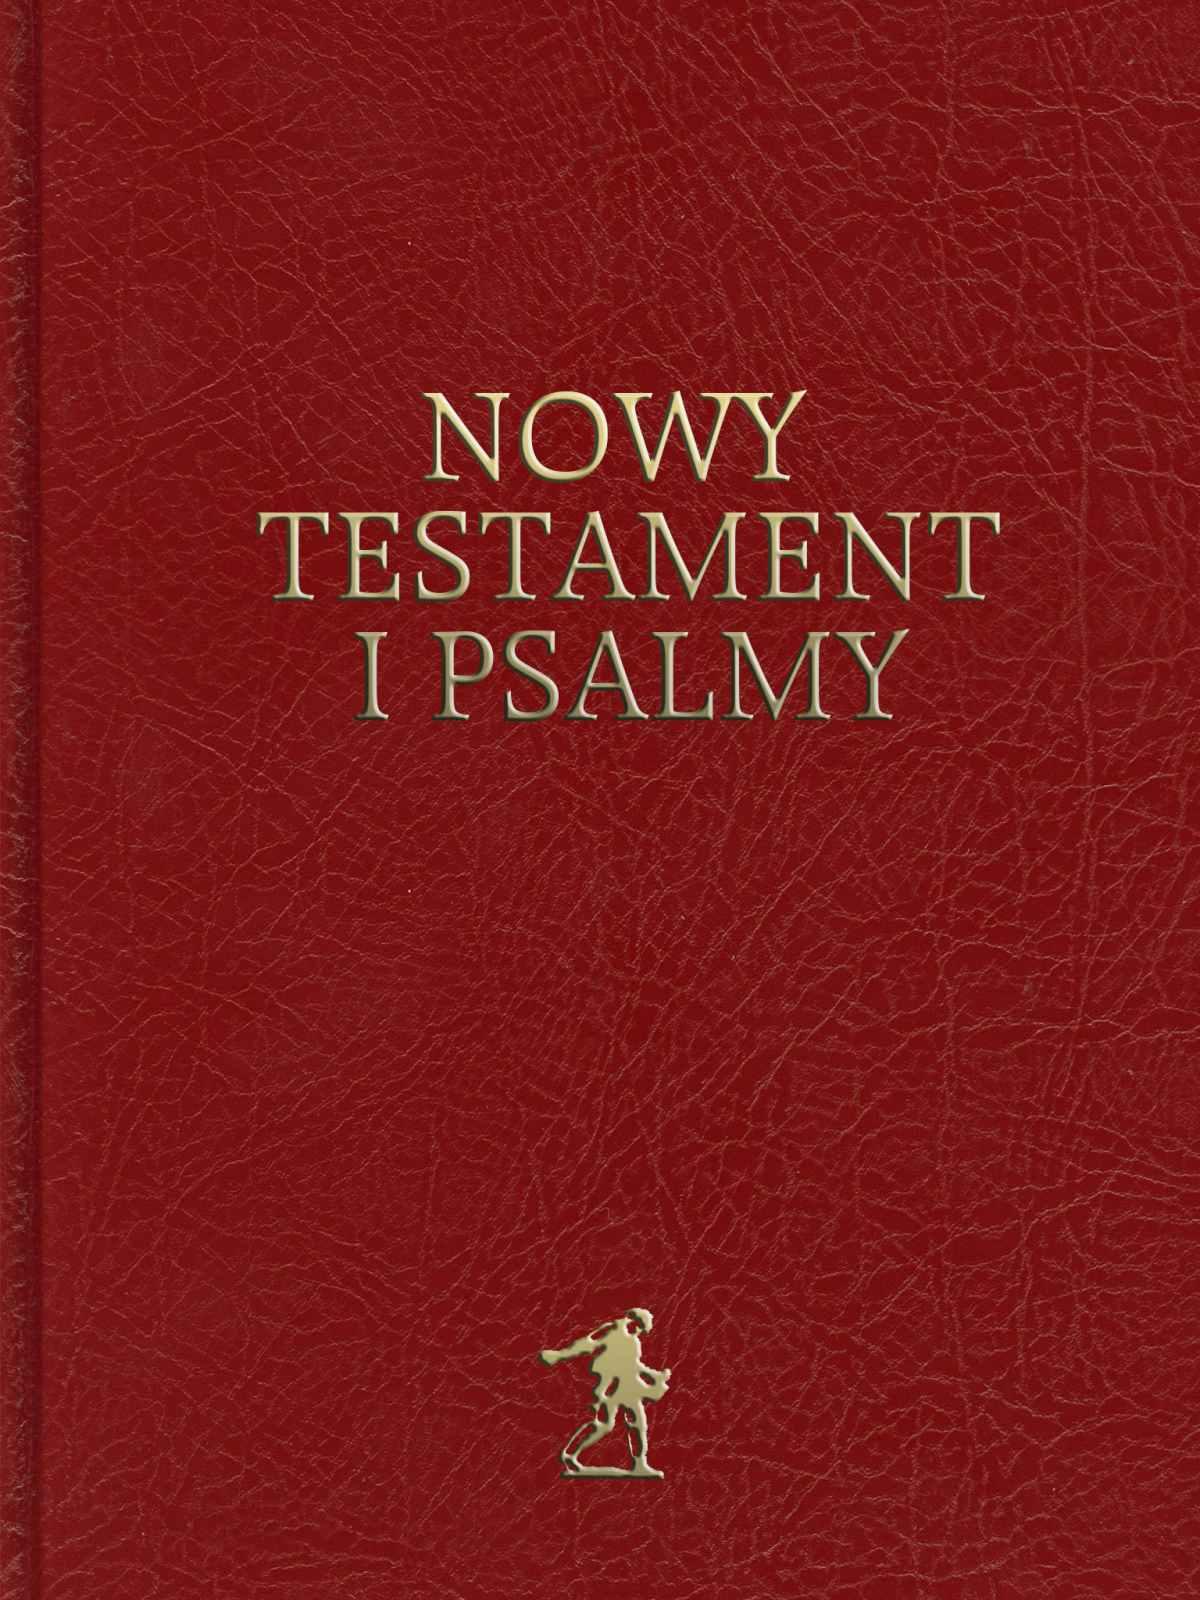 Nowy Testament i Psalmy - Ebook (Książka EPUB) do pobrania w formacie EPUB